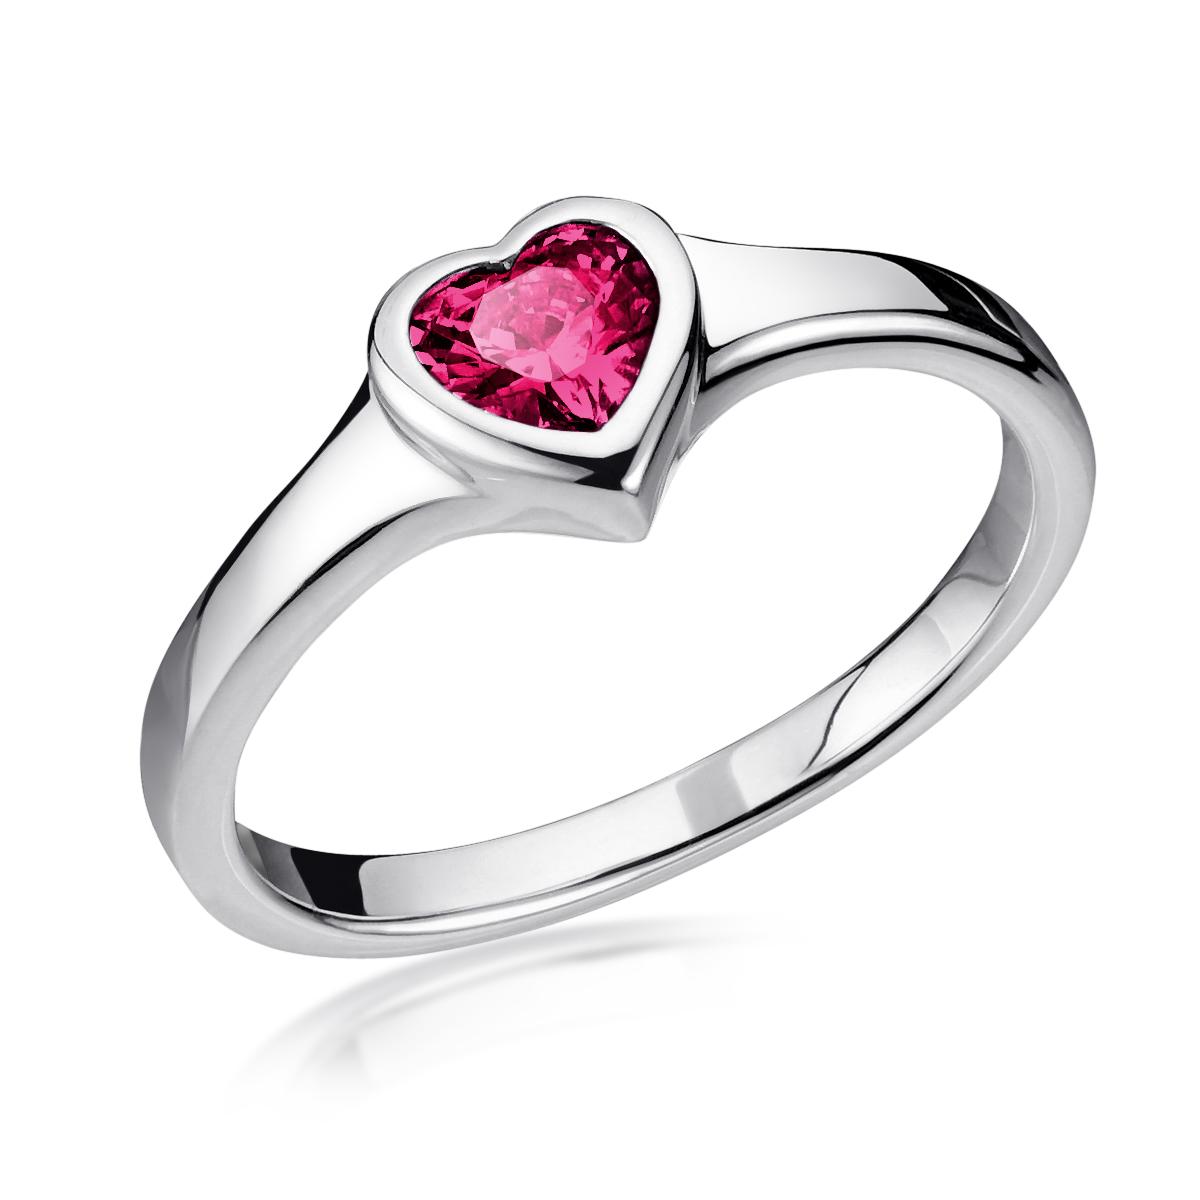 MATERIA Damen Ring Herz mit Zirkonia rot aus 925 Silber